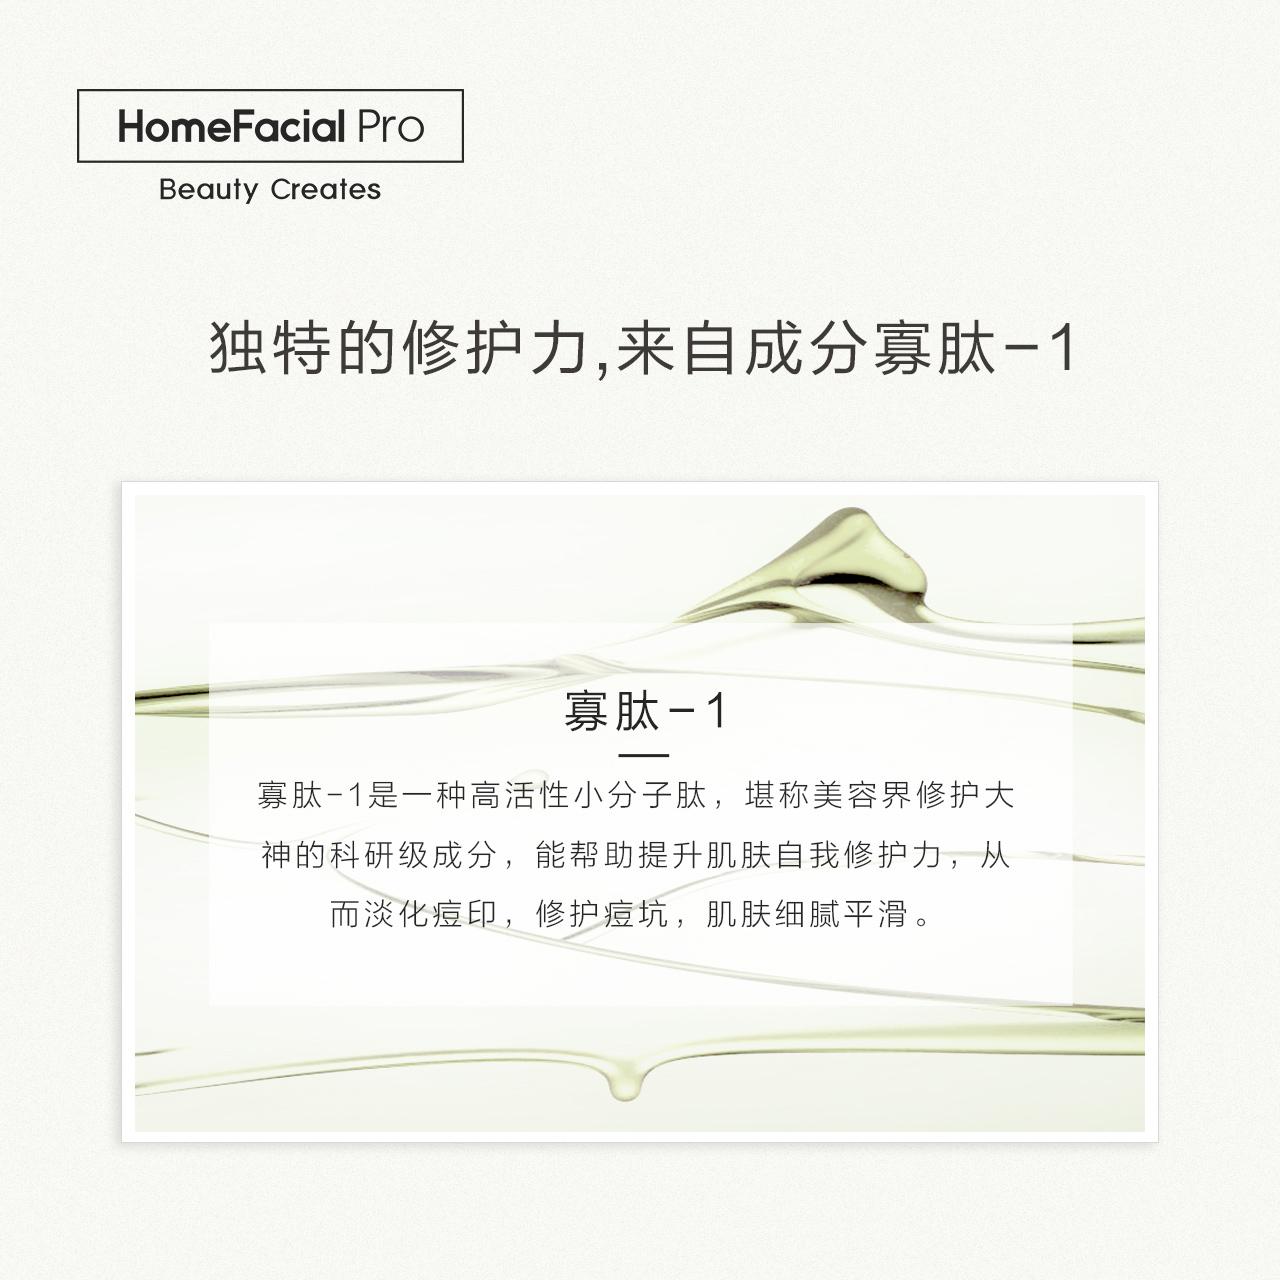 HFP寡肽原液去淡化痘印痘疤冻干粉祛痘护肤品产品面部精华液男女